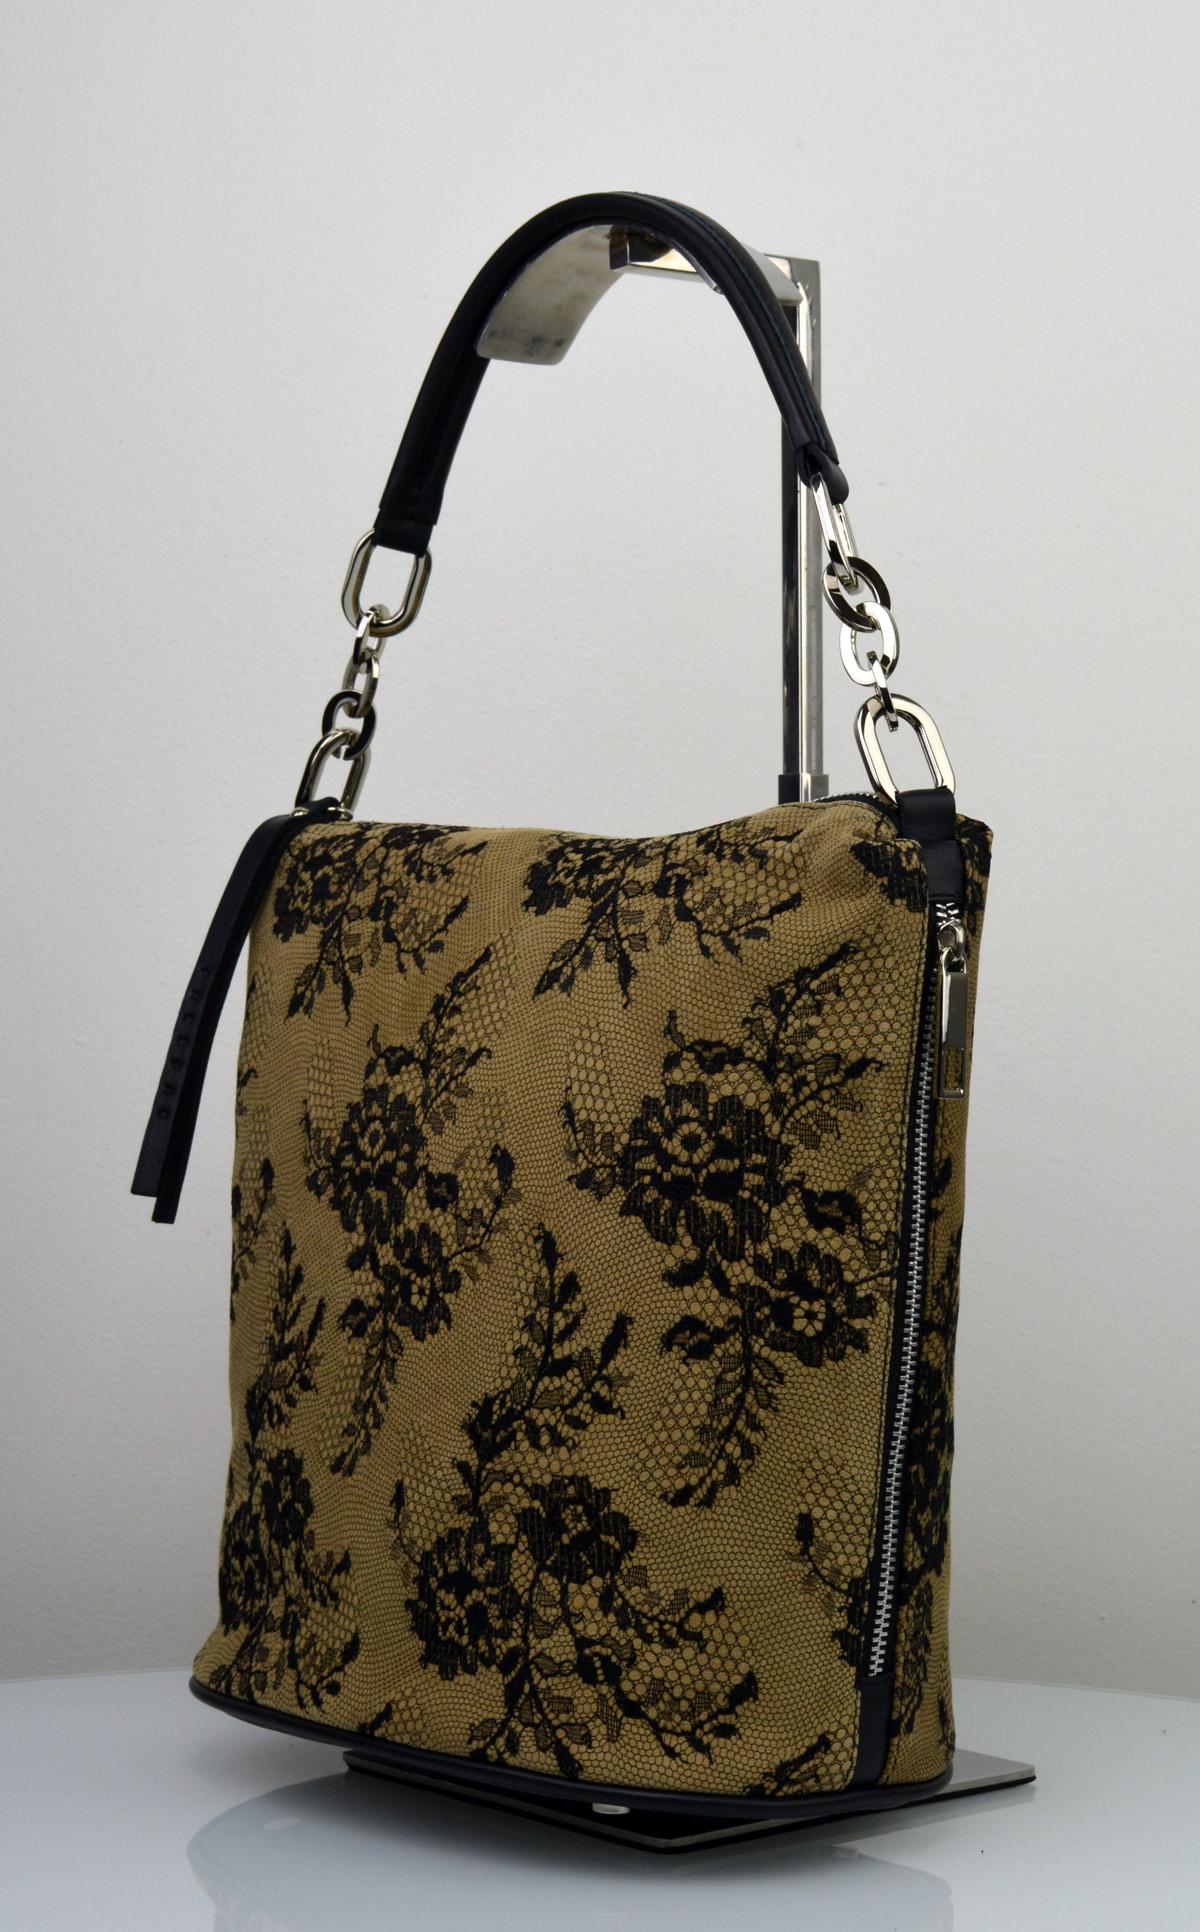 Dámská kožená kabelka FACEBAG MOLY - Kombinace krajky a kůže - Béžová